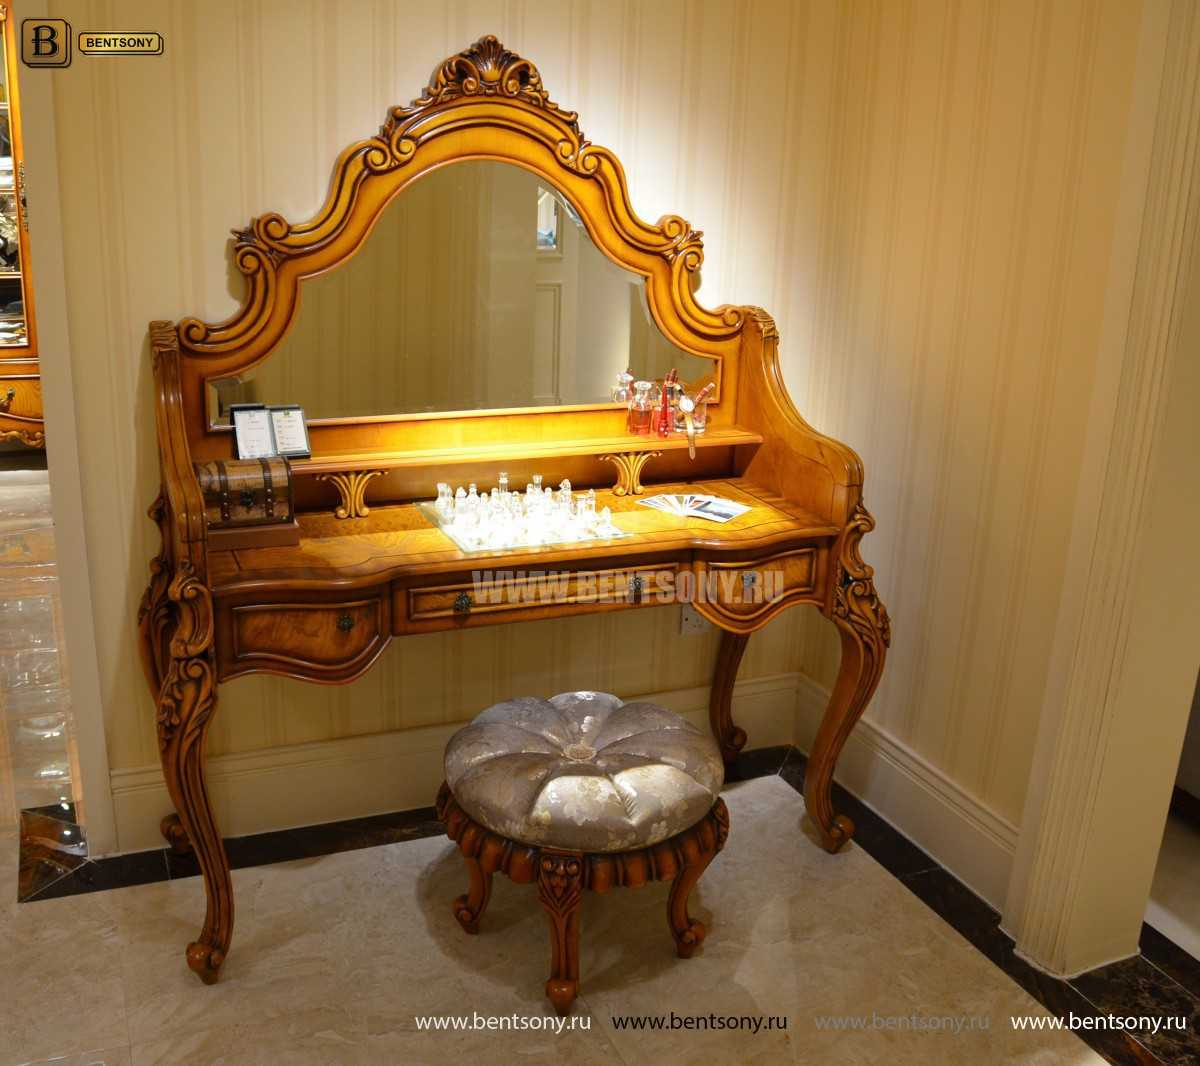 Стол туалетный Дакота с зеркалом (Классика, массив дерева) каталог